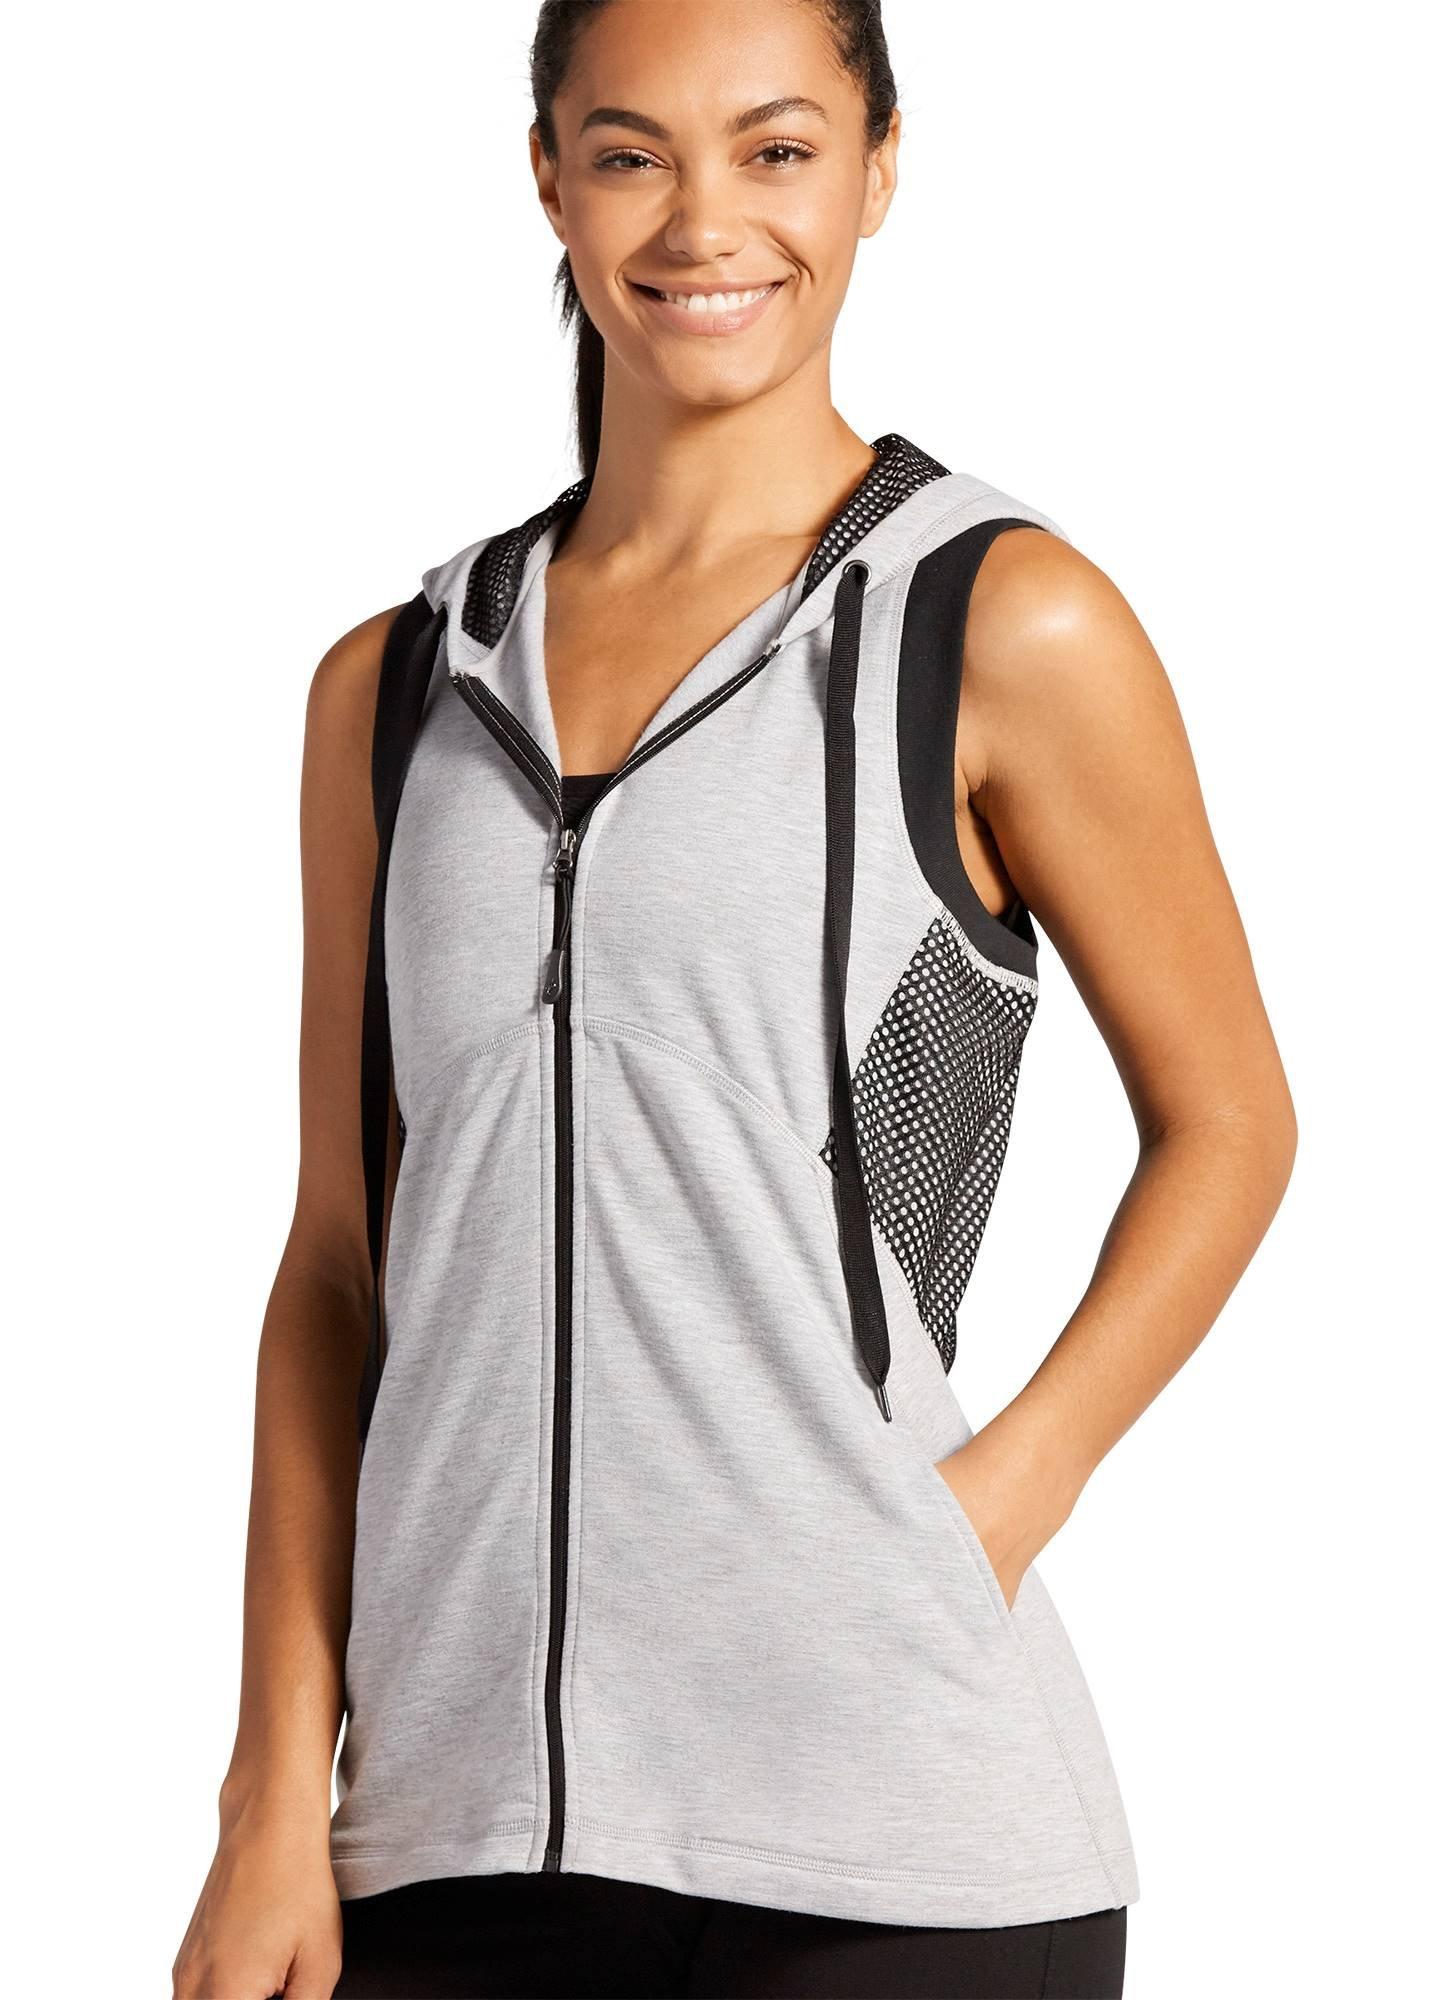 Jockey Women's Activewear Studio Zip Front Vest, Heather Grey/Black mesh, S